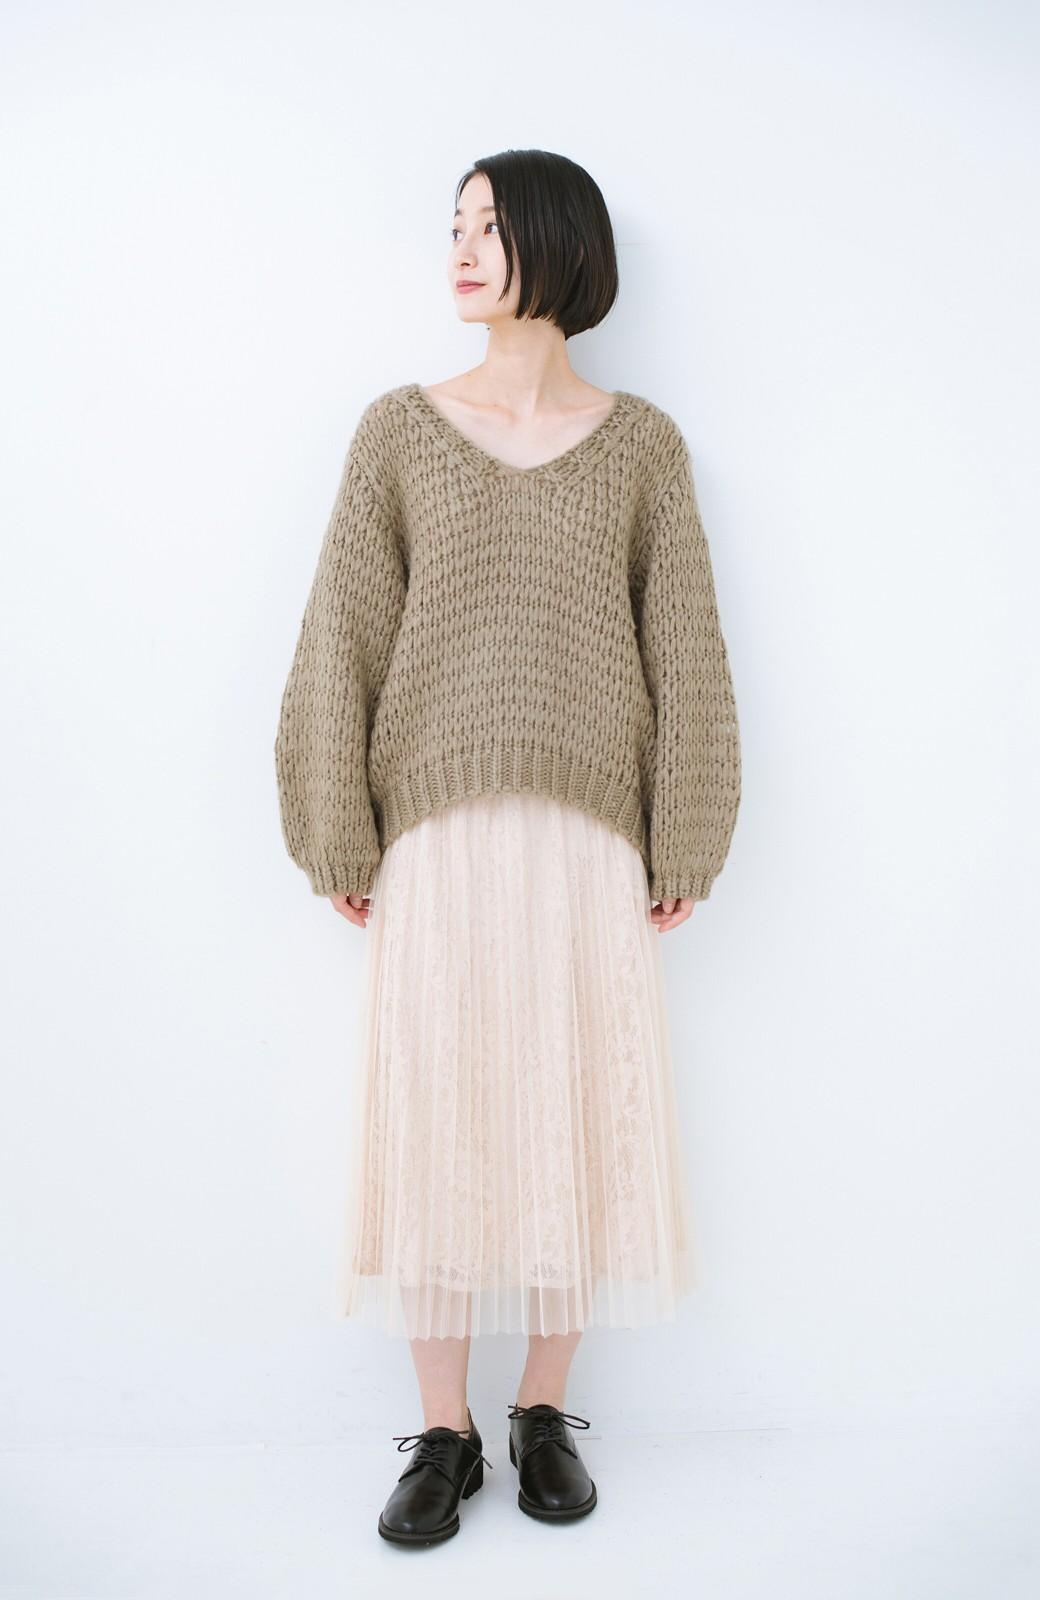 haco! 手編み風のざっくり感で女っぽい Vネックの甘編みルーズニット <グレイッシュベージュ>の商品写真6